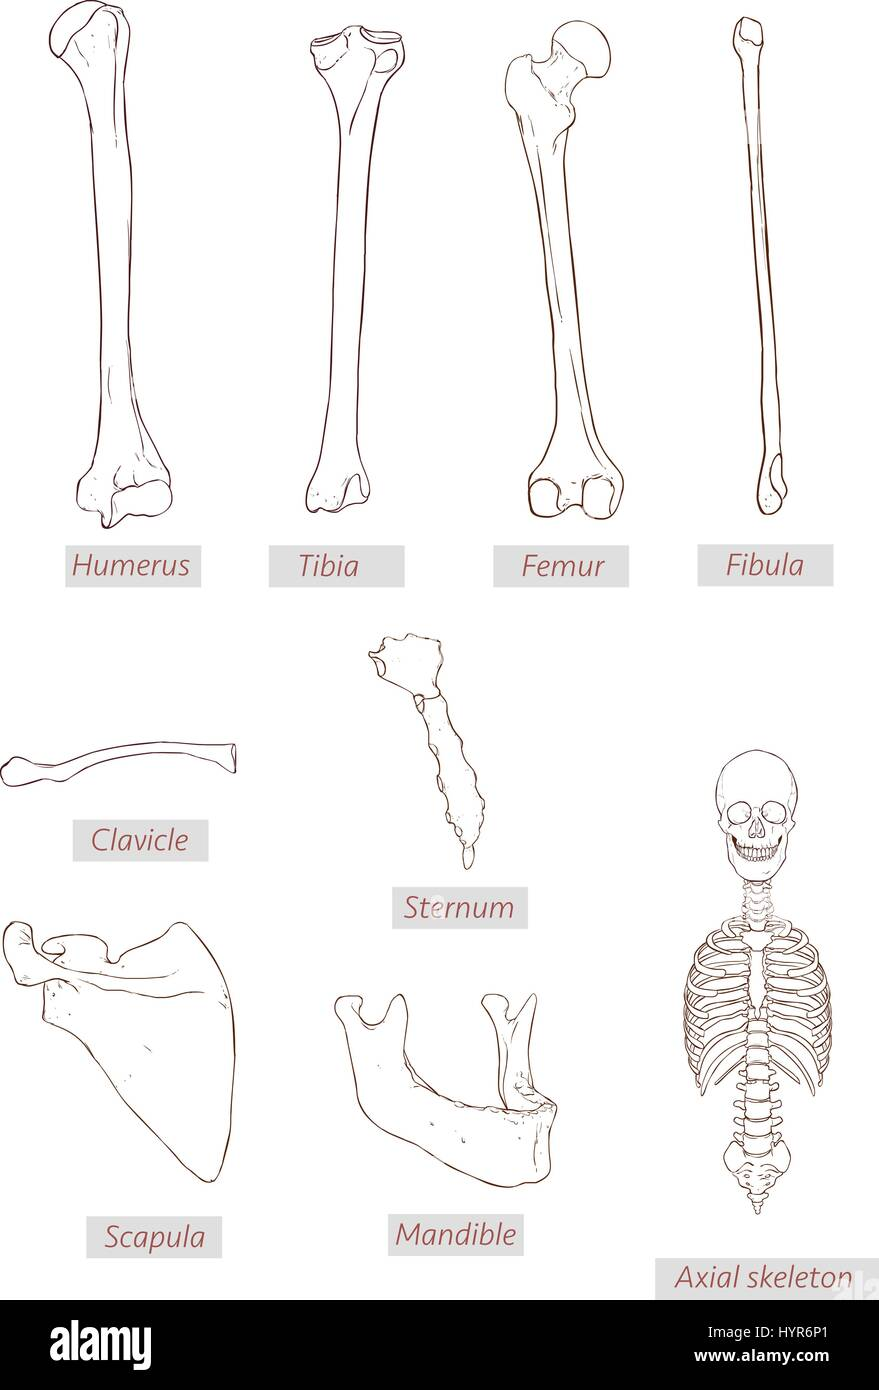 Axial Skeleton Imágenes De Stock & Axial Skeleton Fotos De Stock - Alamy